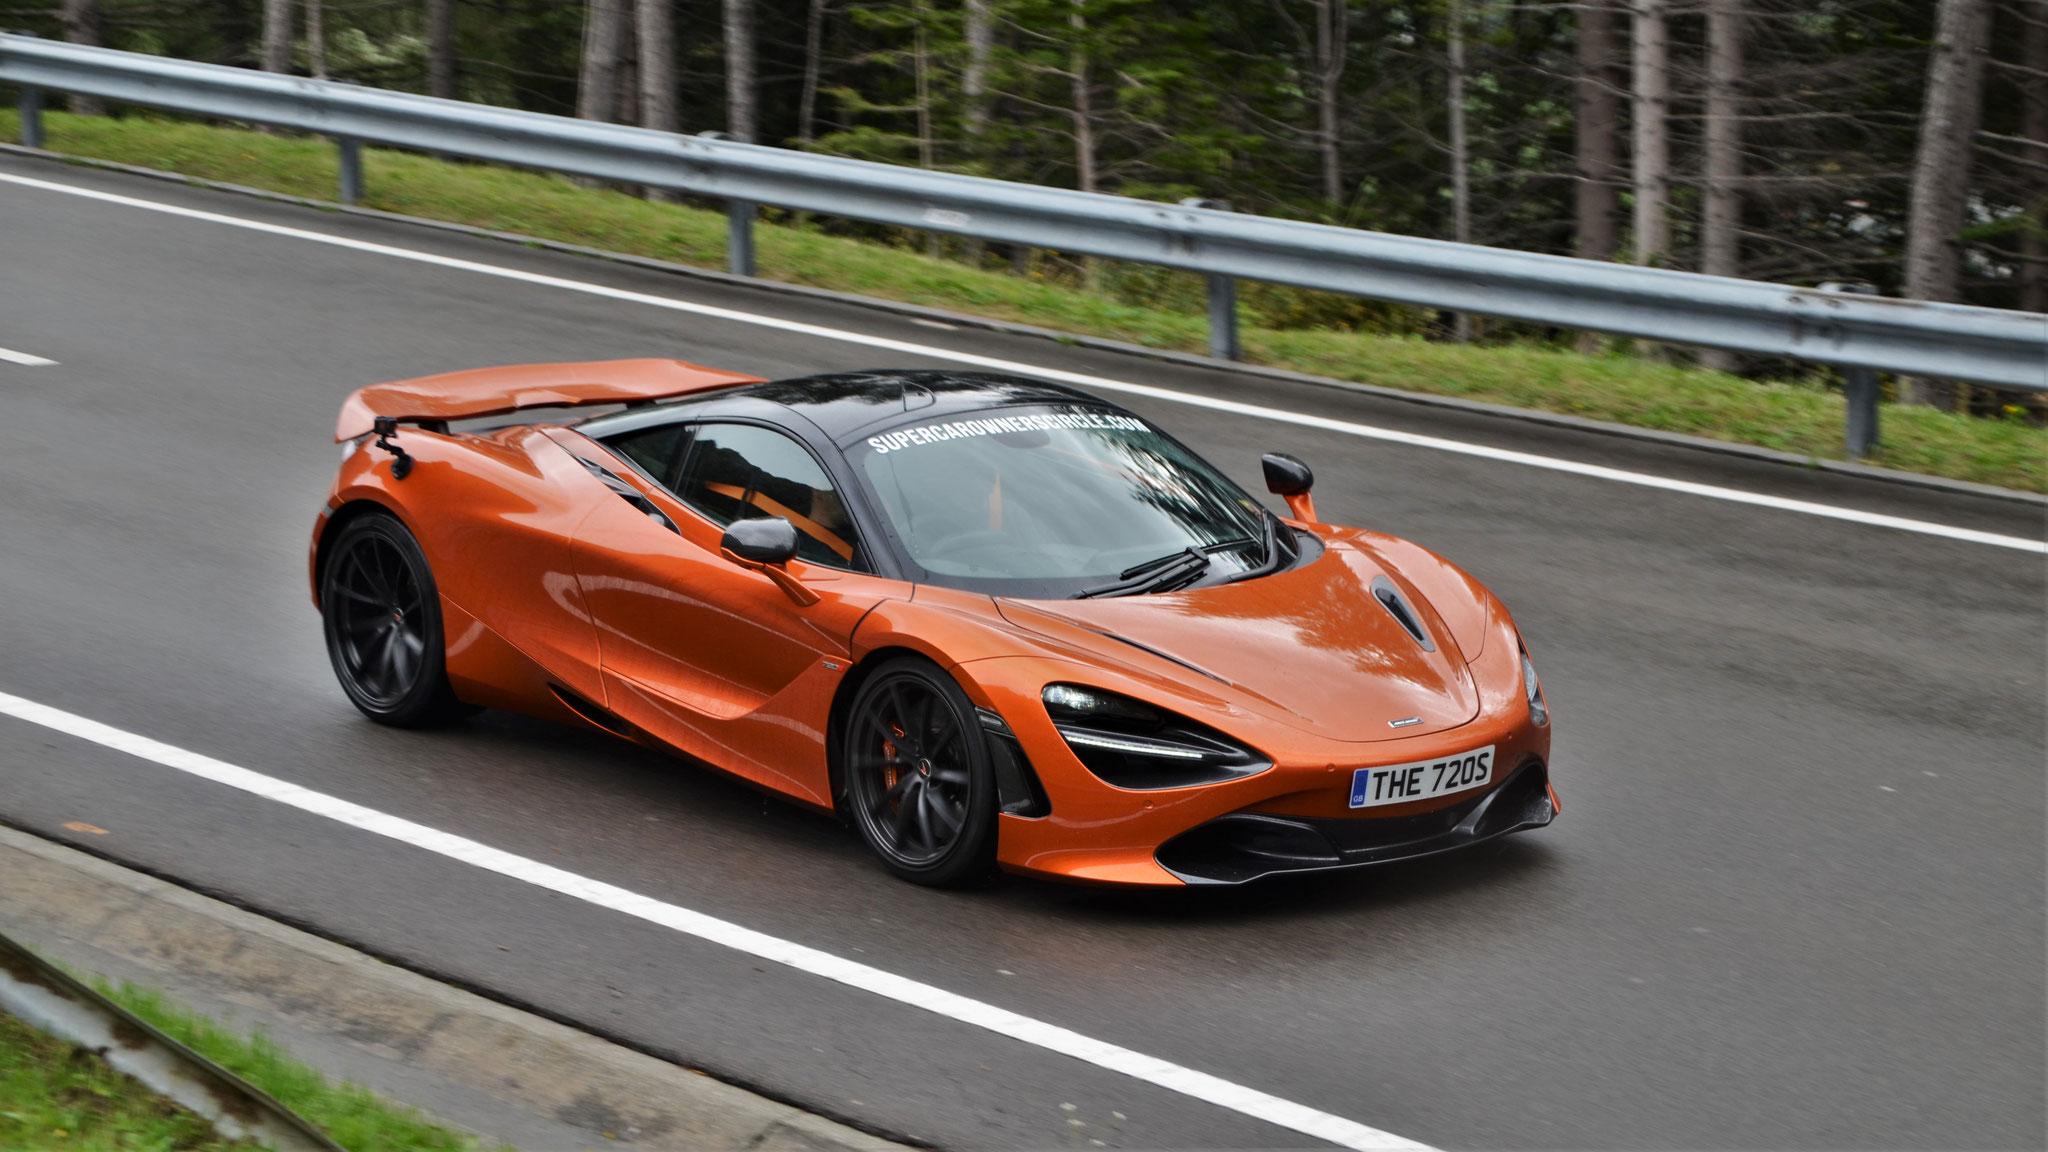 McLaren 720S - THE-720S (GB)